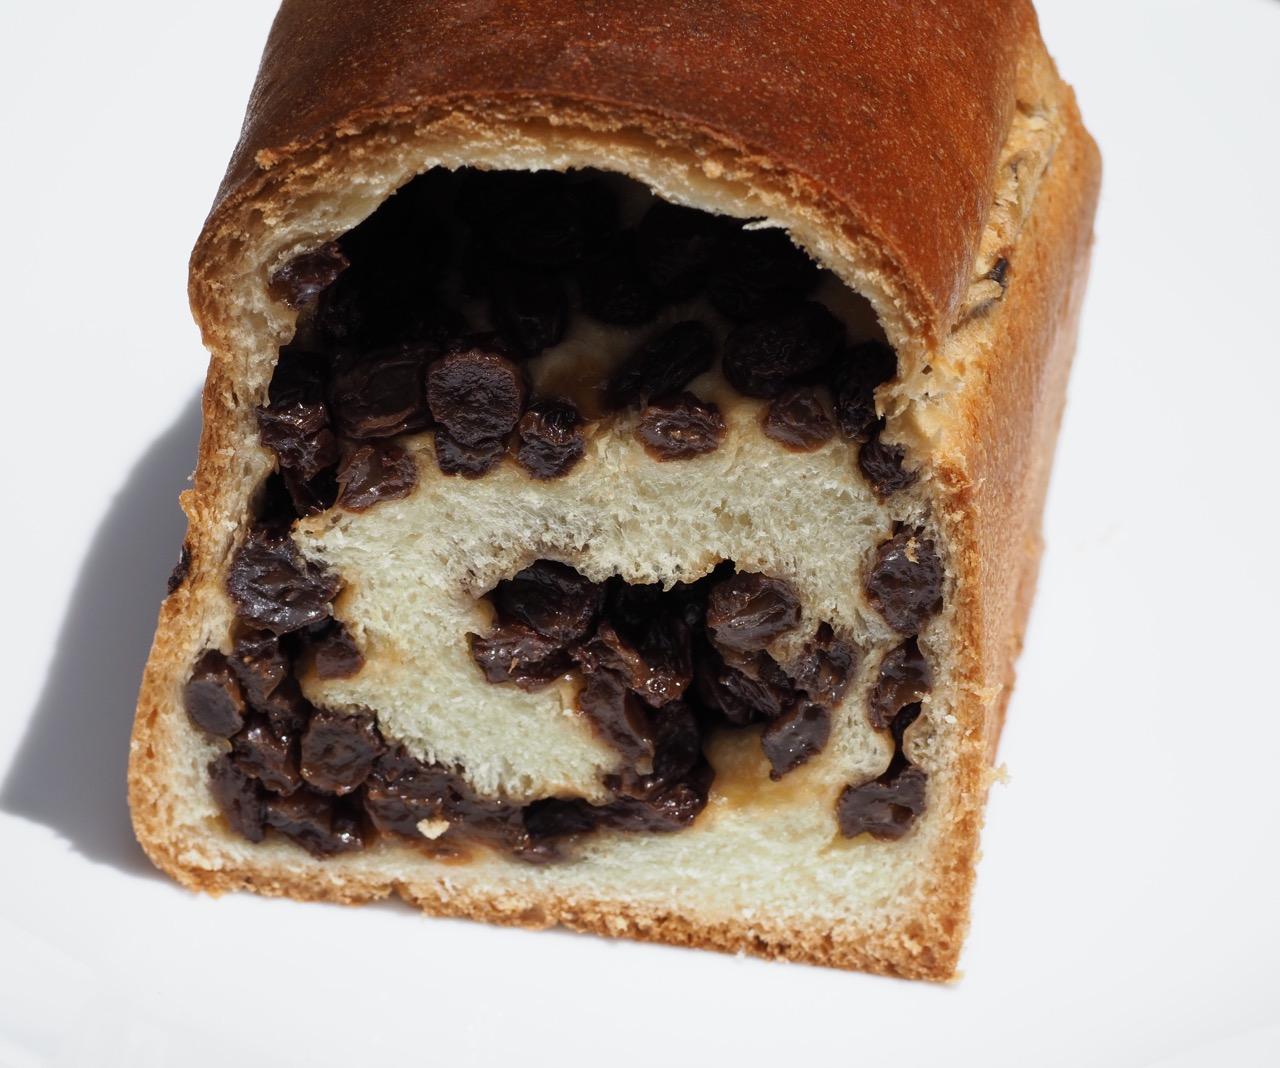 パンよりレーズンの方が多いぶどうパン